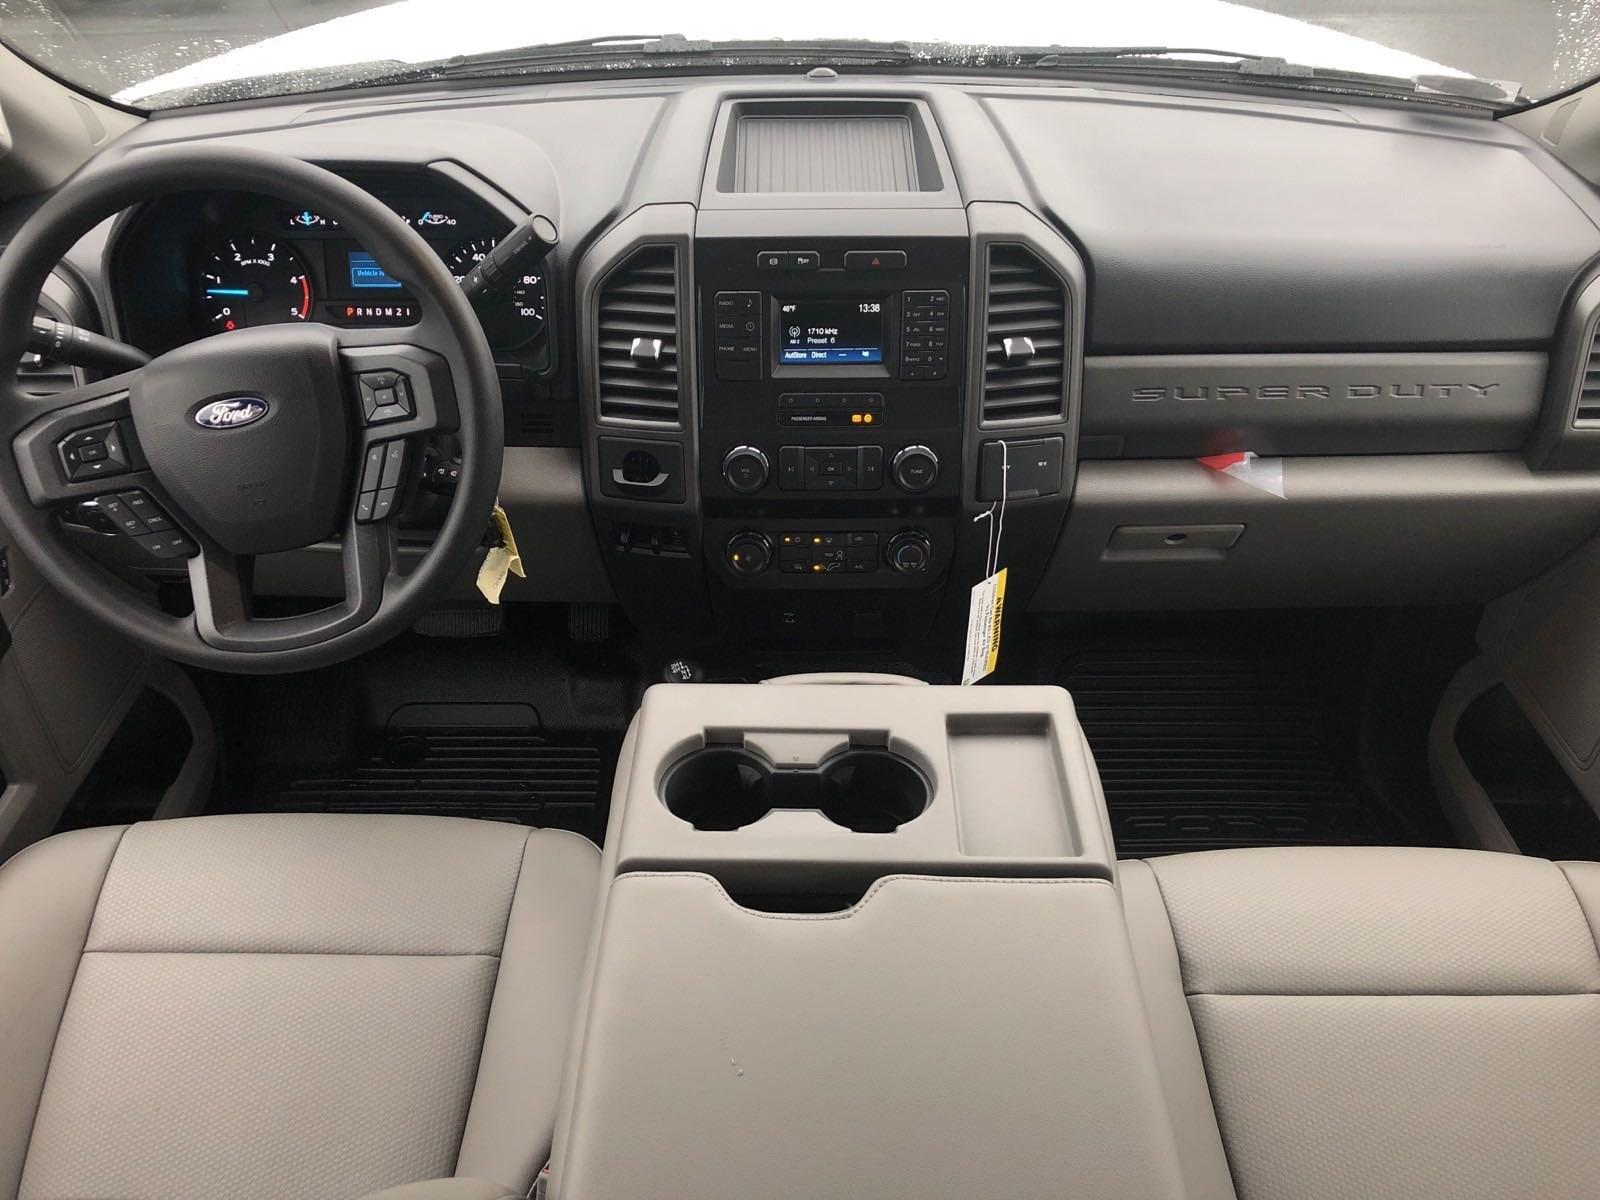 2019 F-550 Super Cab DRW 4x4, Contractor Body #299961 - photo 16